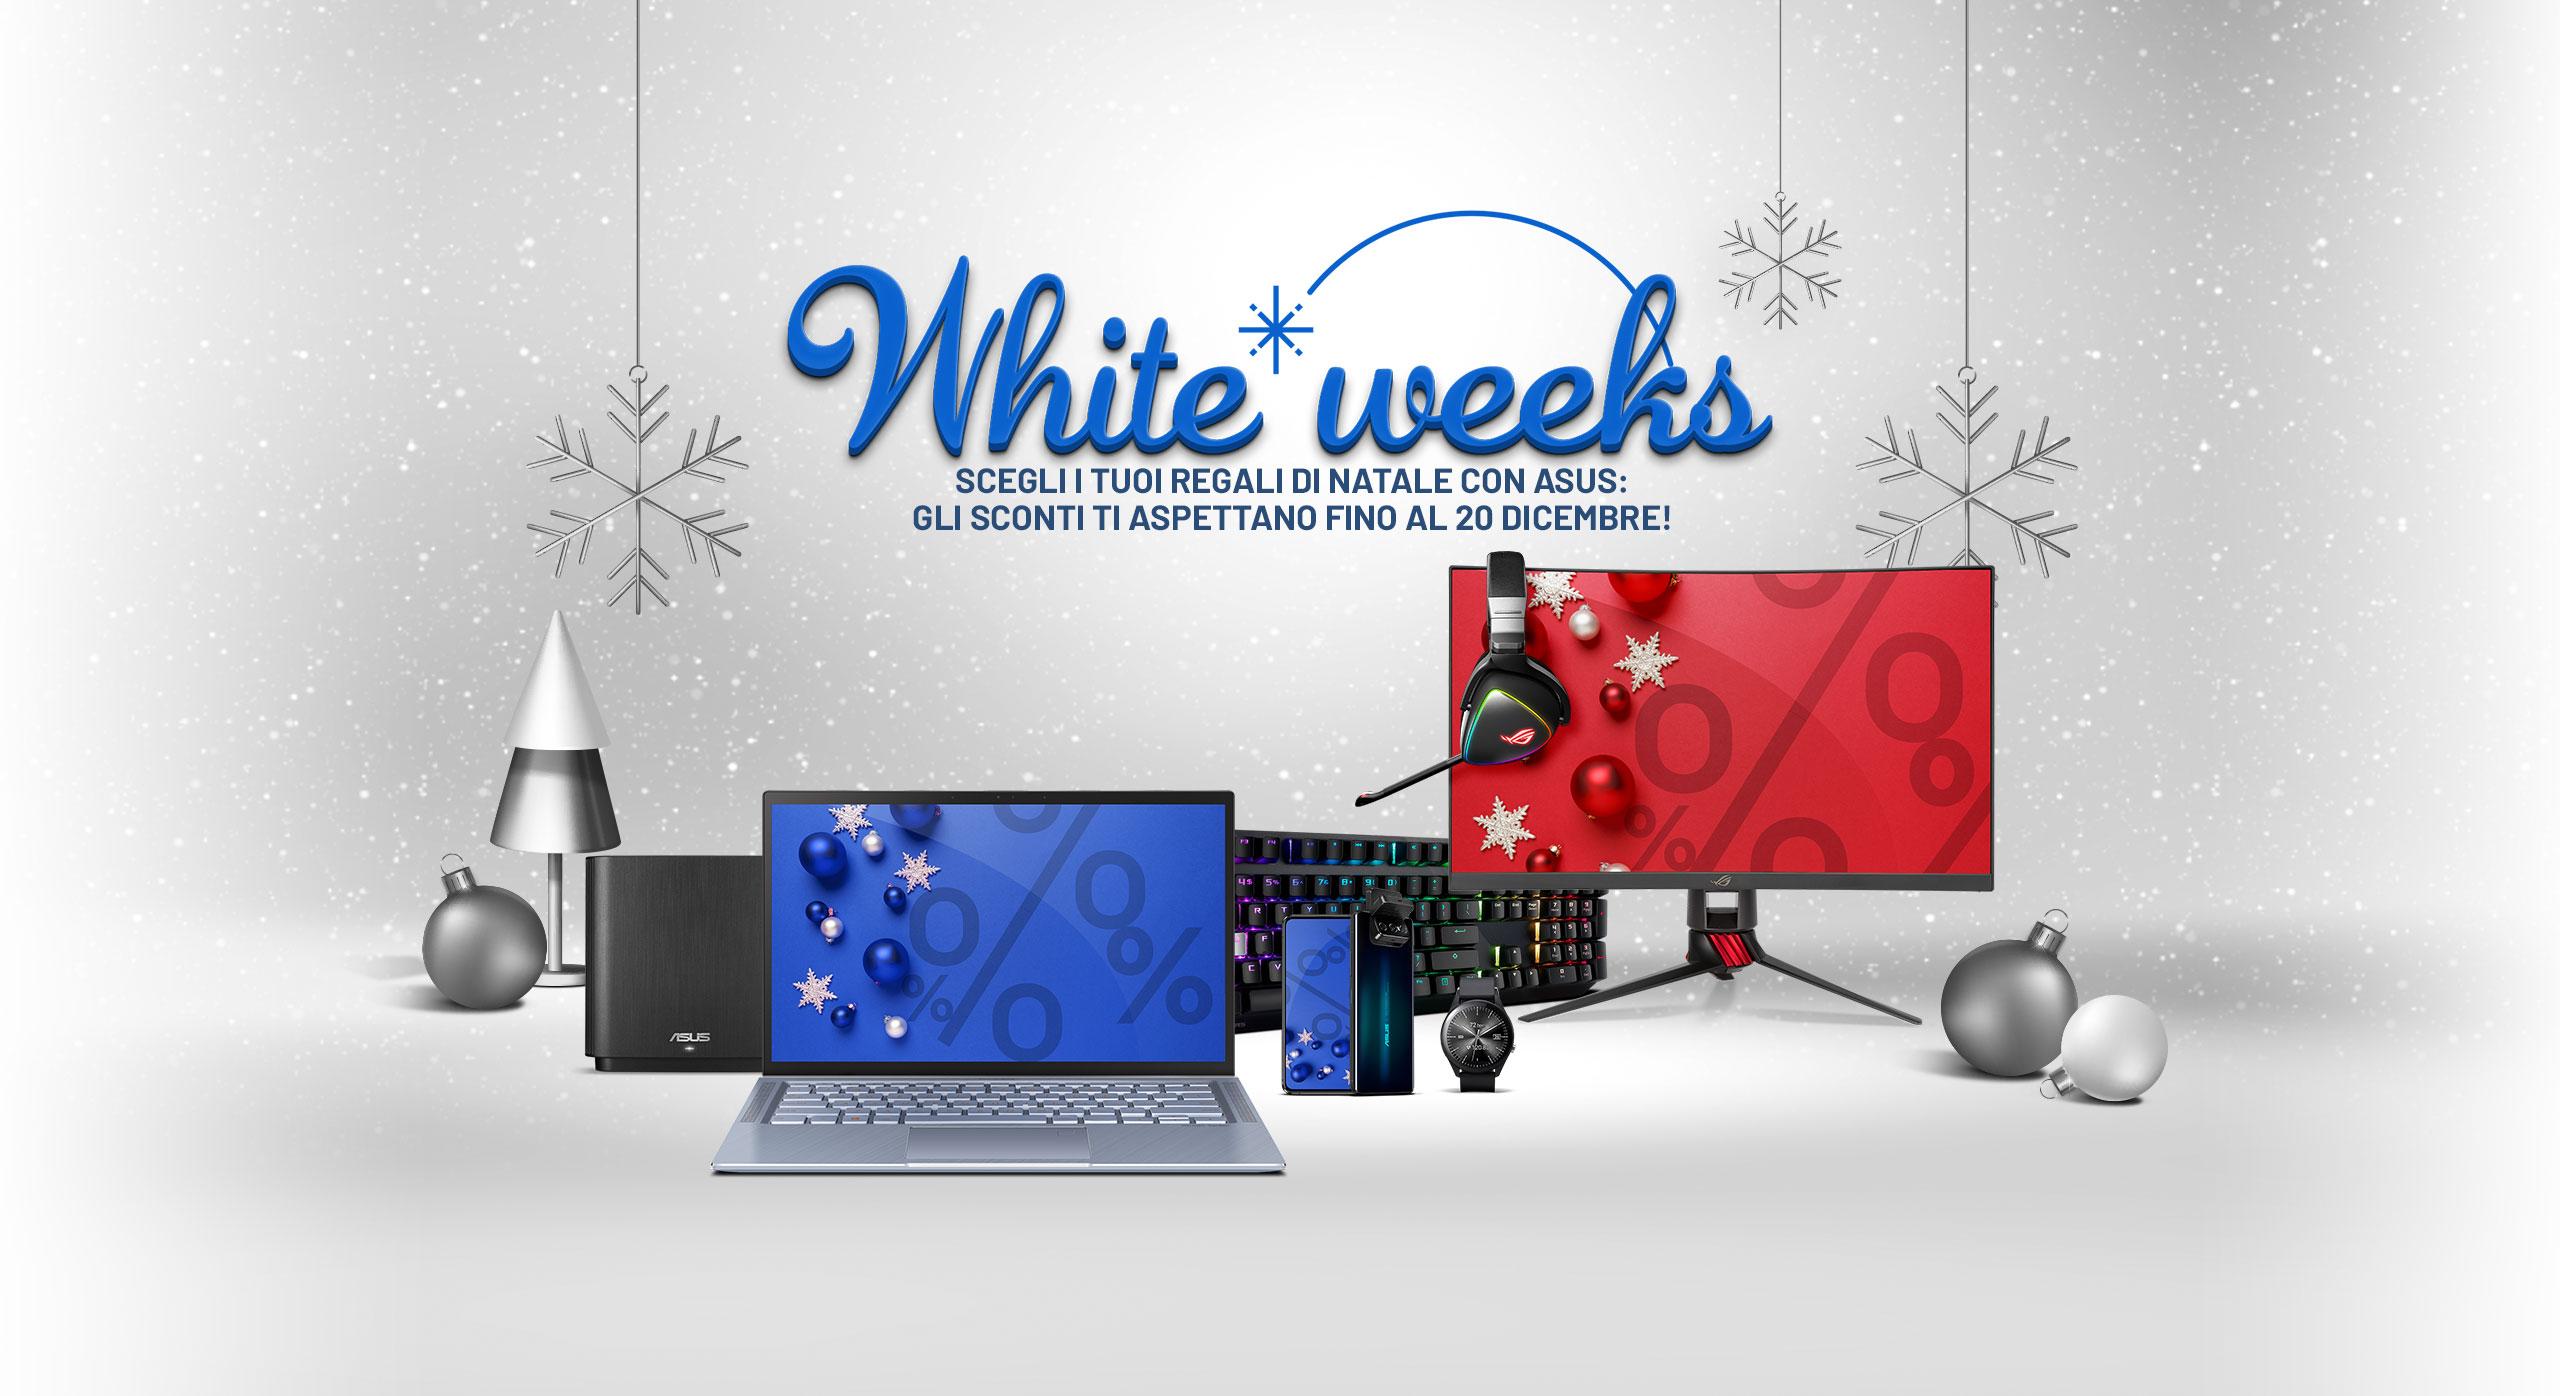 Con Asus i regali di Natale sono a prezzi scontati thumbnail